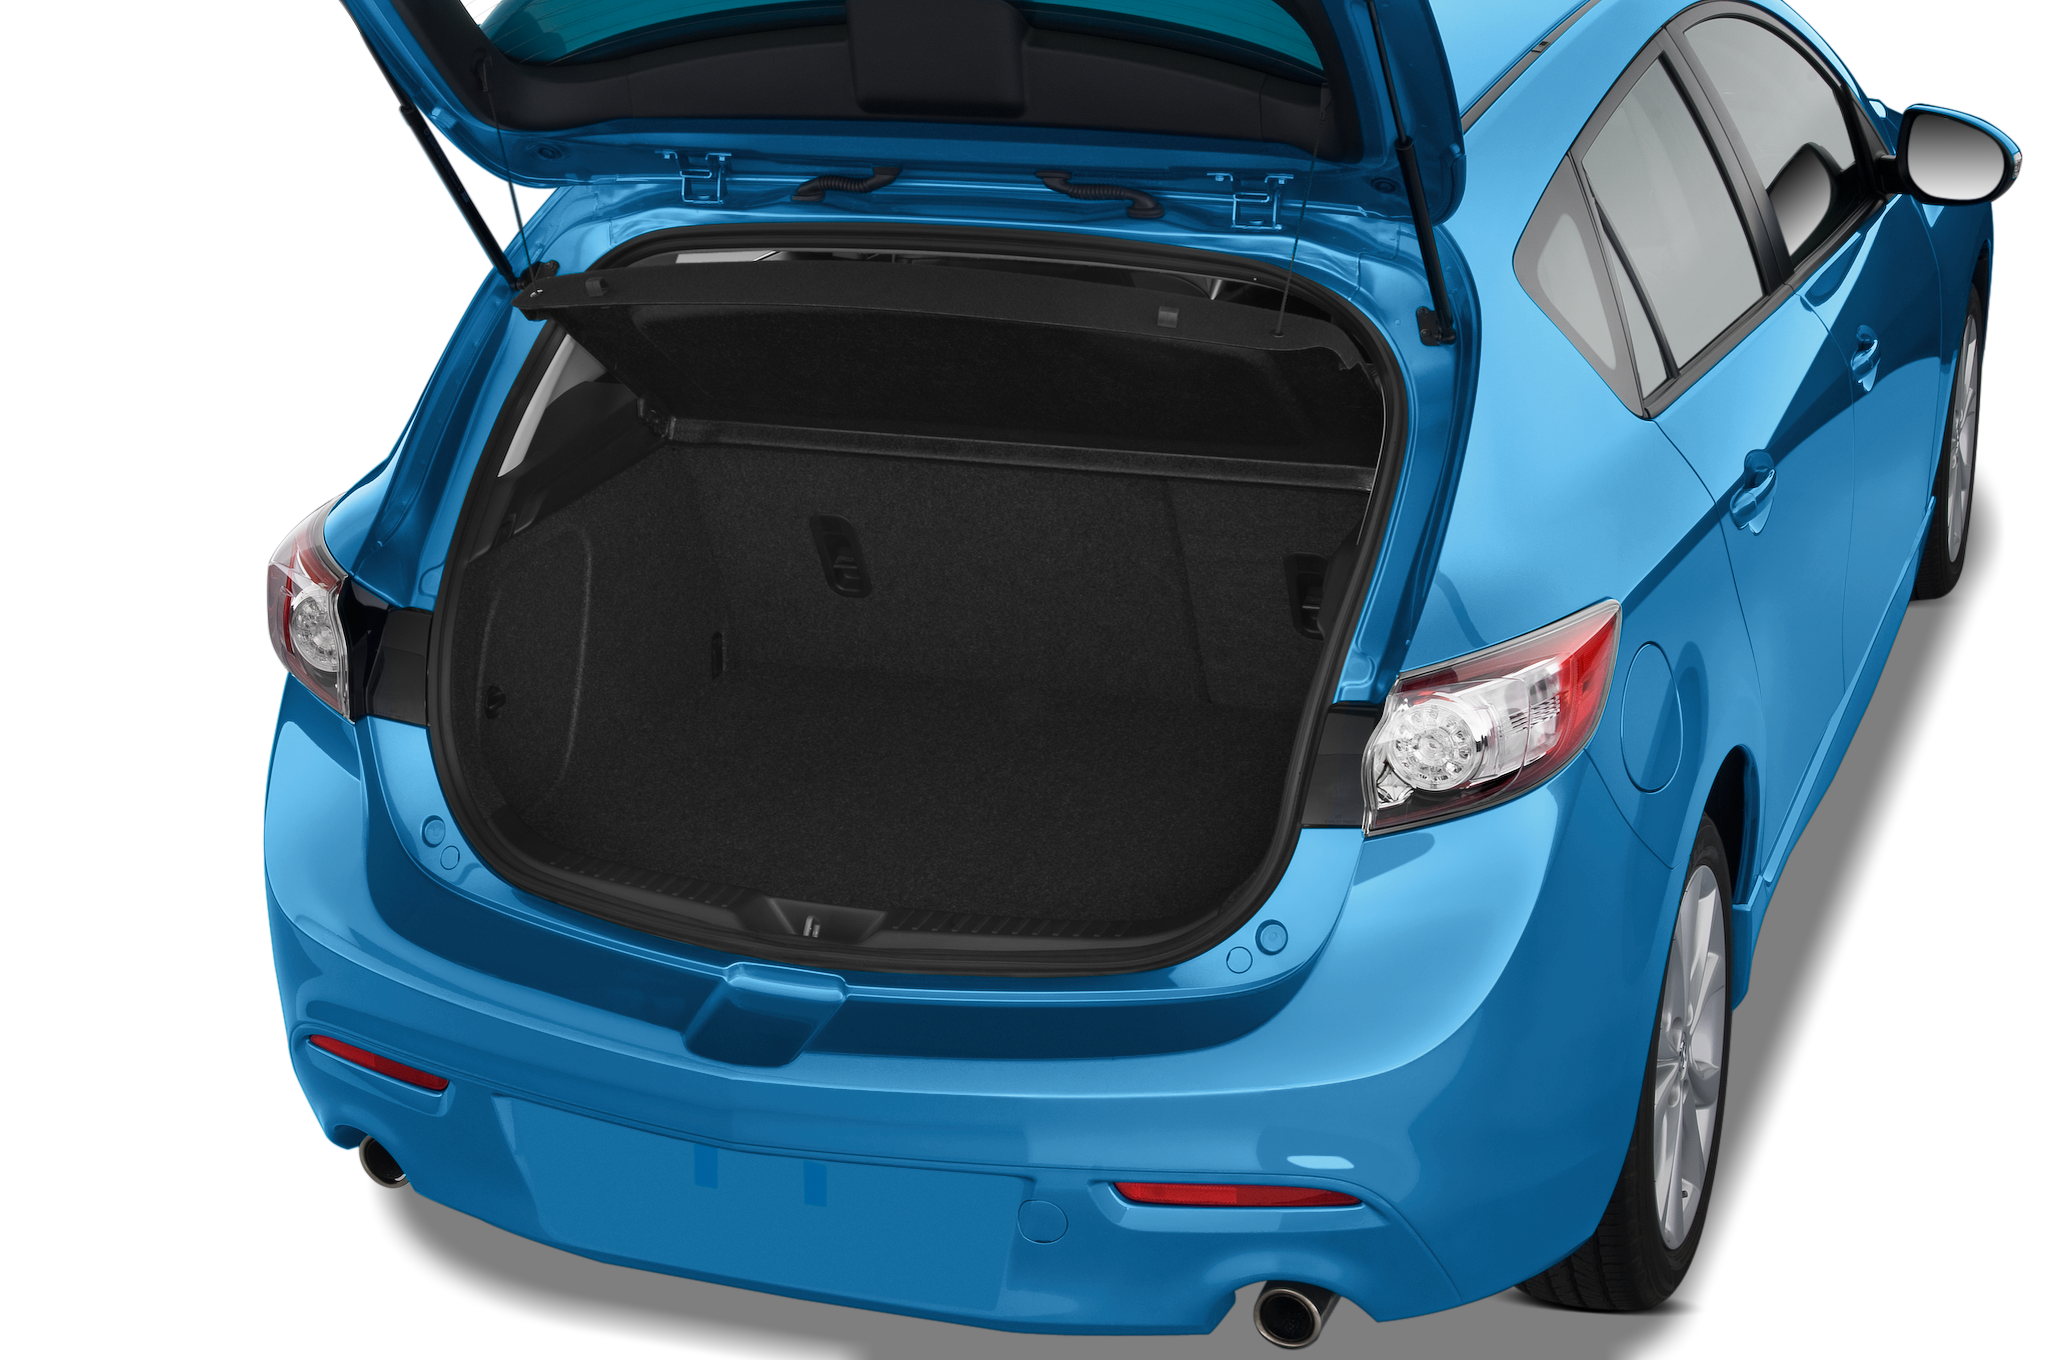 2010 mazda 3 hatchback interior dimensions. Black Bedroom Furniture Sets. Home Design Ideas